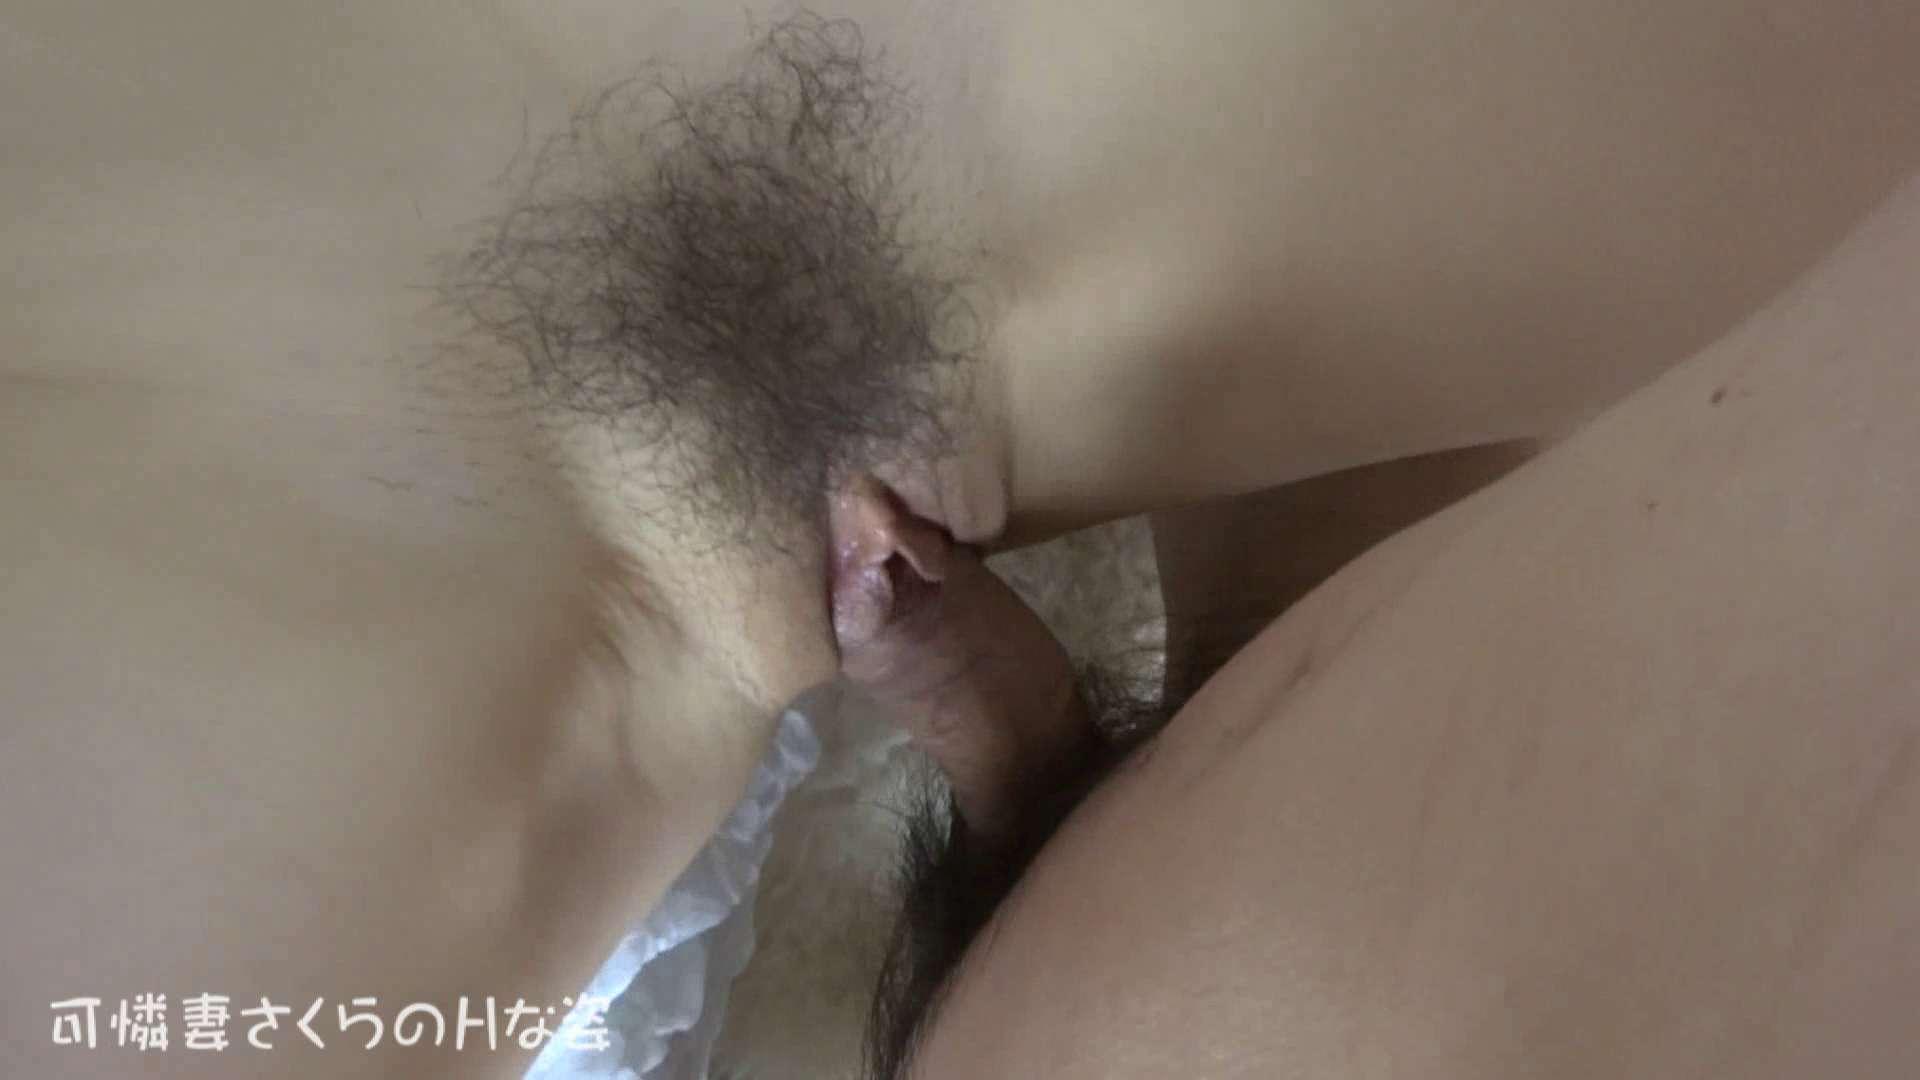 可憐妻さくらのHな姿vol.29 オナニー特集 | OL裸体  55画像 17